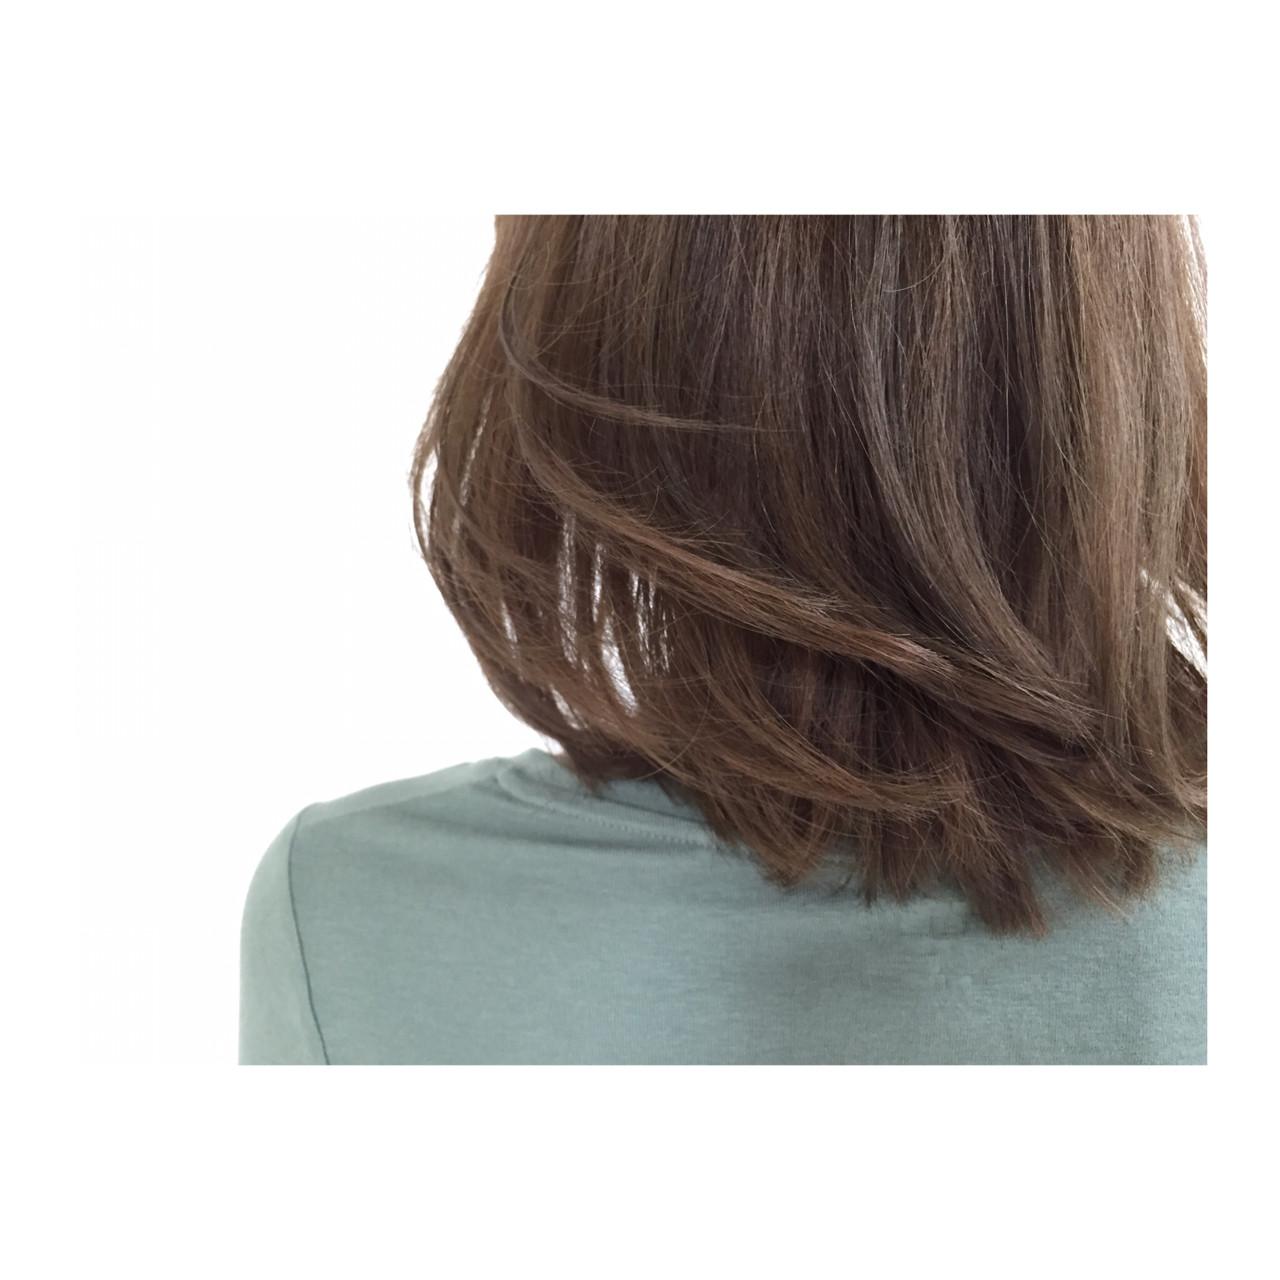 外国人風 暗髪 ボブ 大人かわいい ヘアスタイルや髪型の写真・画像 | ハラカズトモ / ESTMODE函館